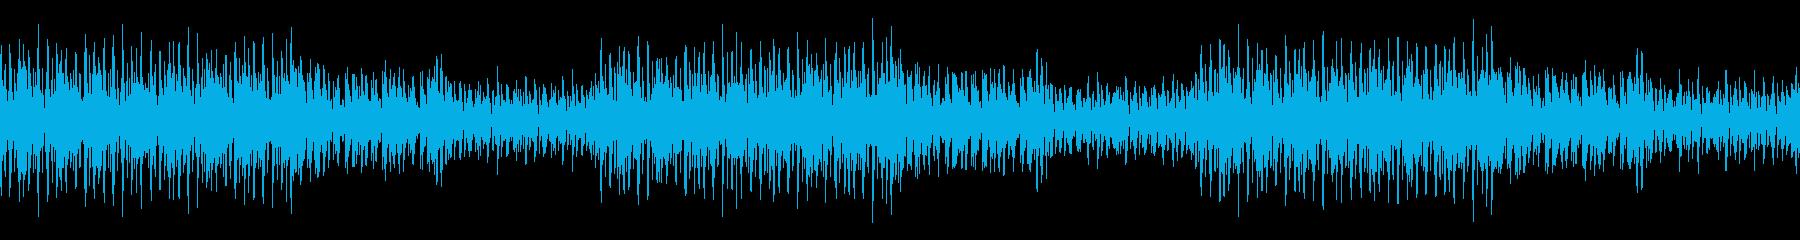 コミカルな怪しさのある軽快な曲の再生済みの波形